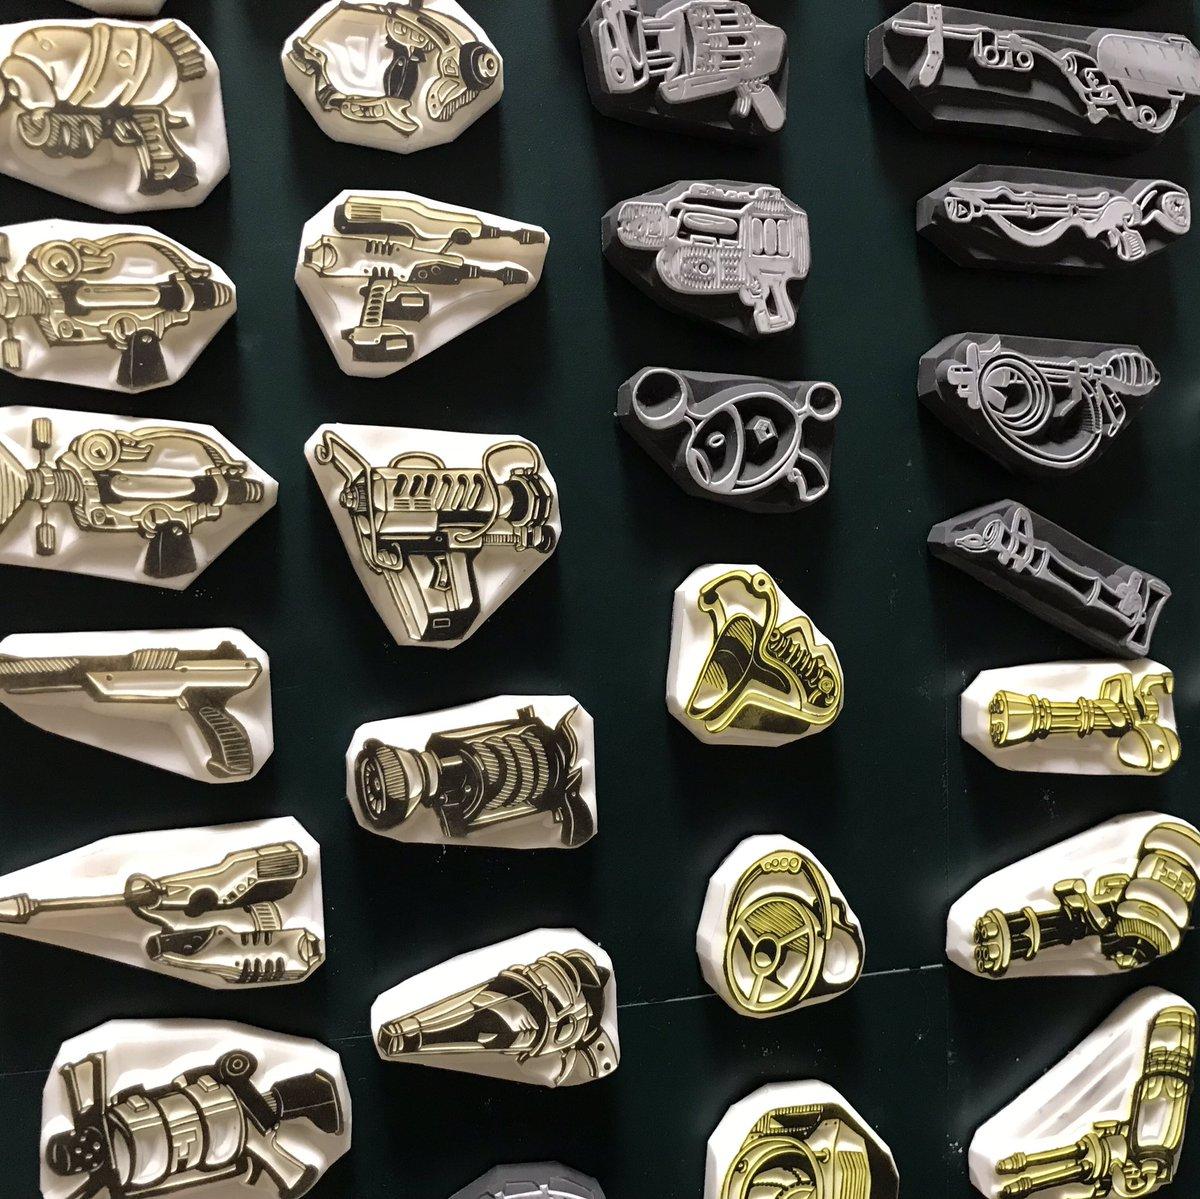 たぶん世界一スプラトゥーンの武器彫ってるから見てほしい #私を布教して